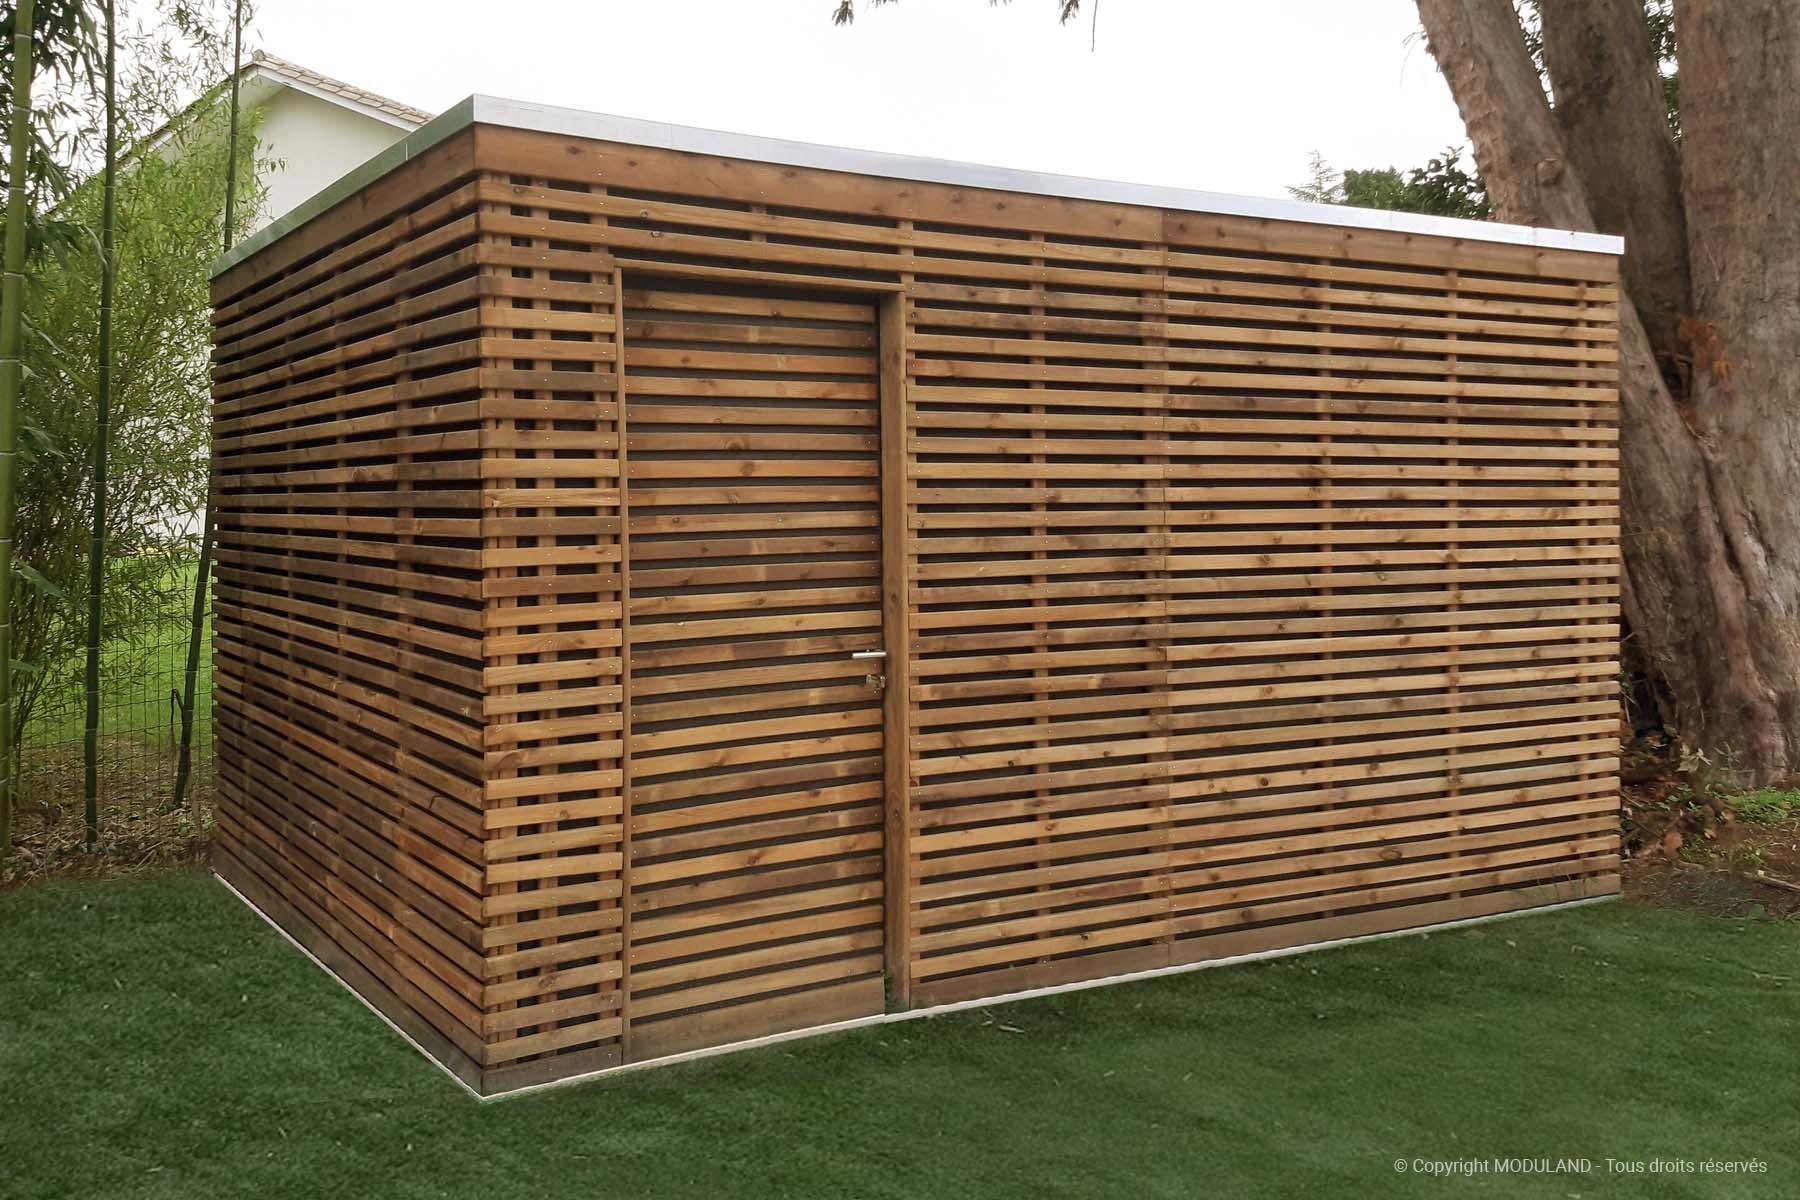 Fabricant D'abris Et Structures Bois Sur Mesure | Moduland dedans Abri Jardin Moderne